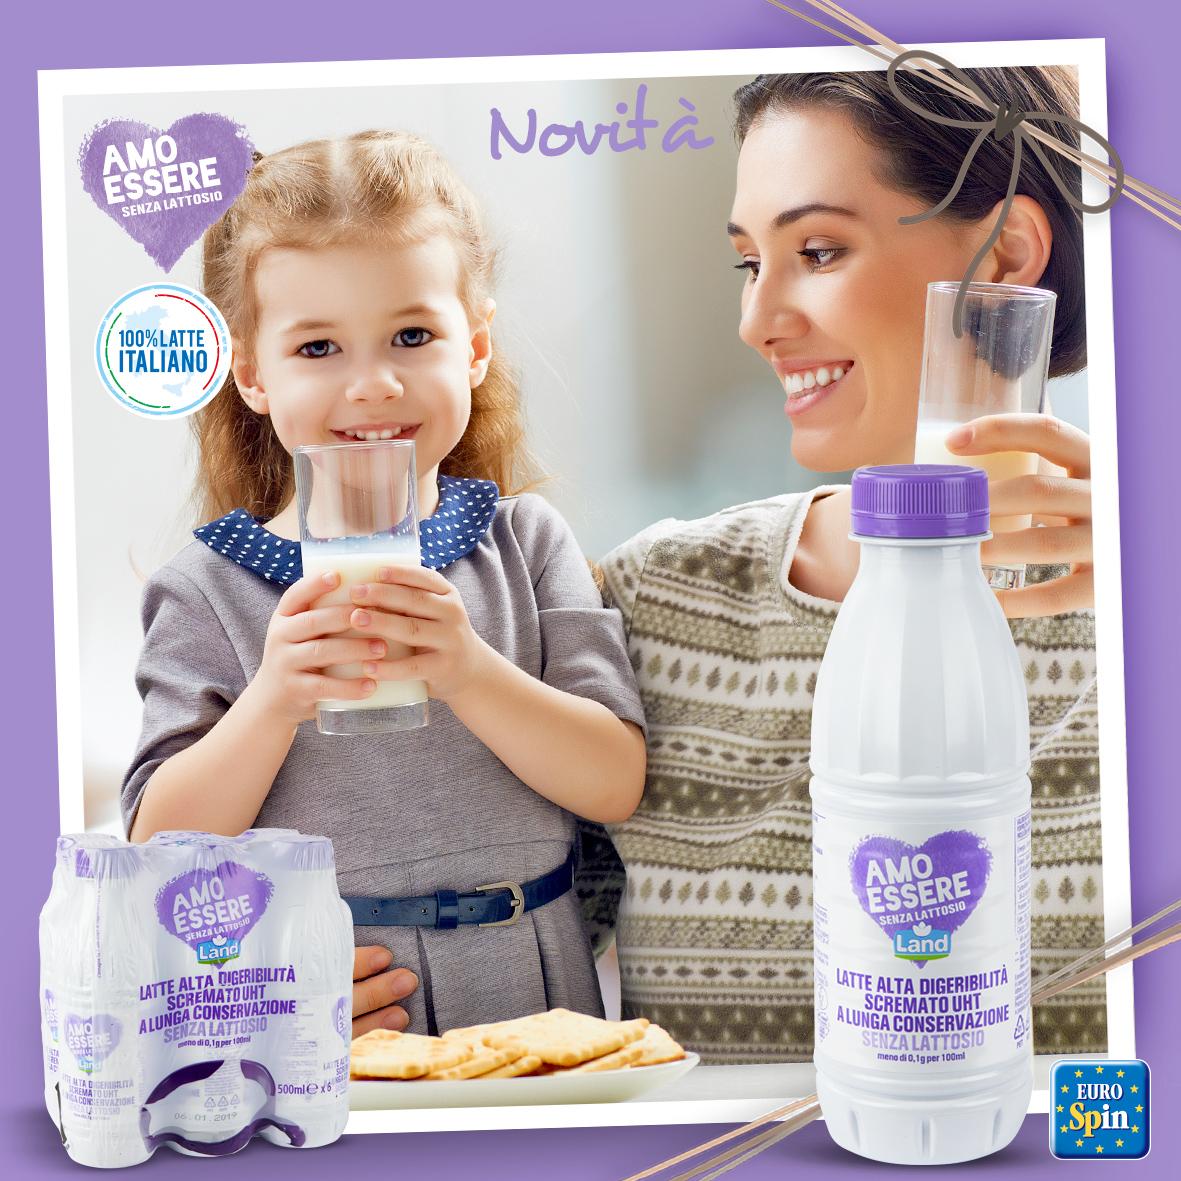 Latte scremato ad alta digeribilità UHT